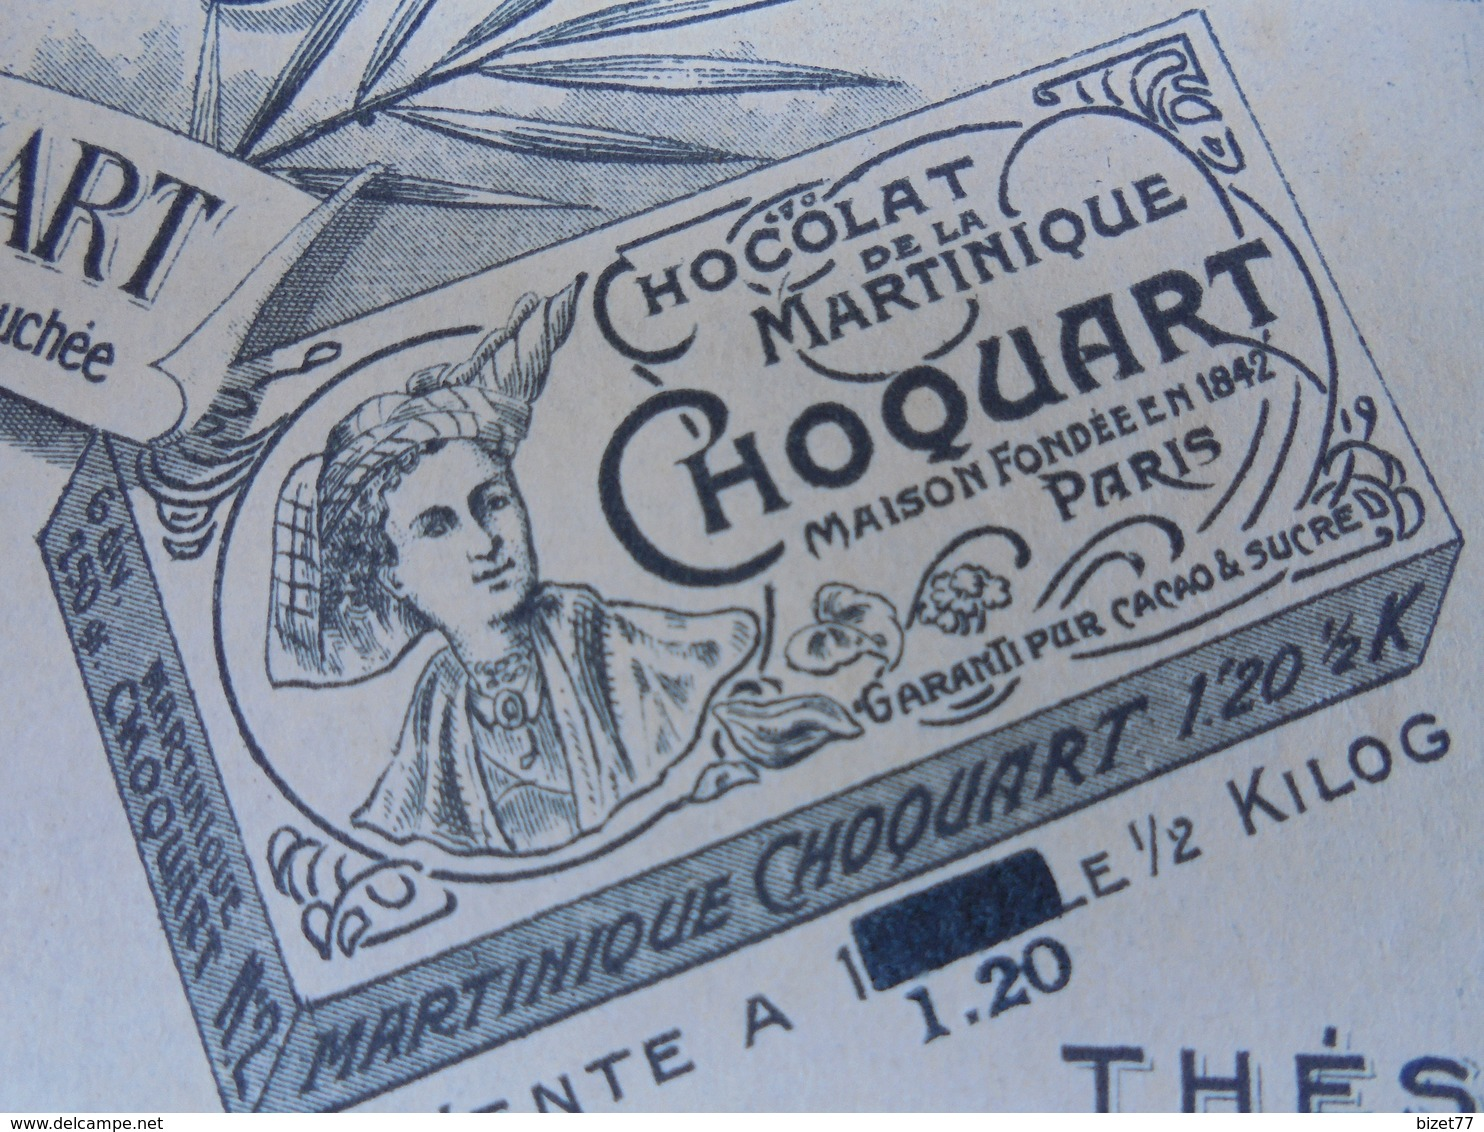 92 - NEUILLY SUR SEINE, 15 RUE DU MARCHE - CHOCOLAT CHOQUART - DECO - FACTURETTE - France